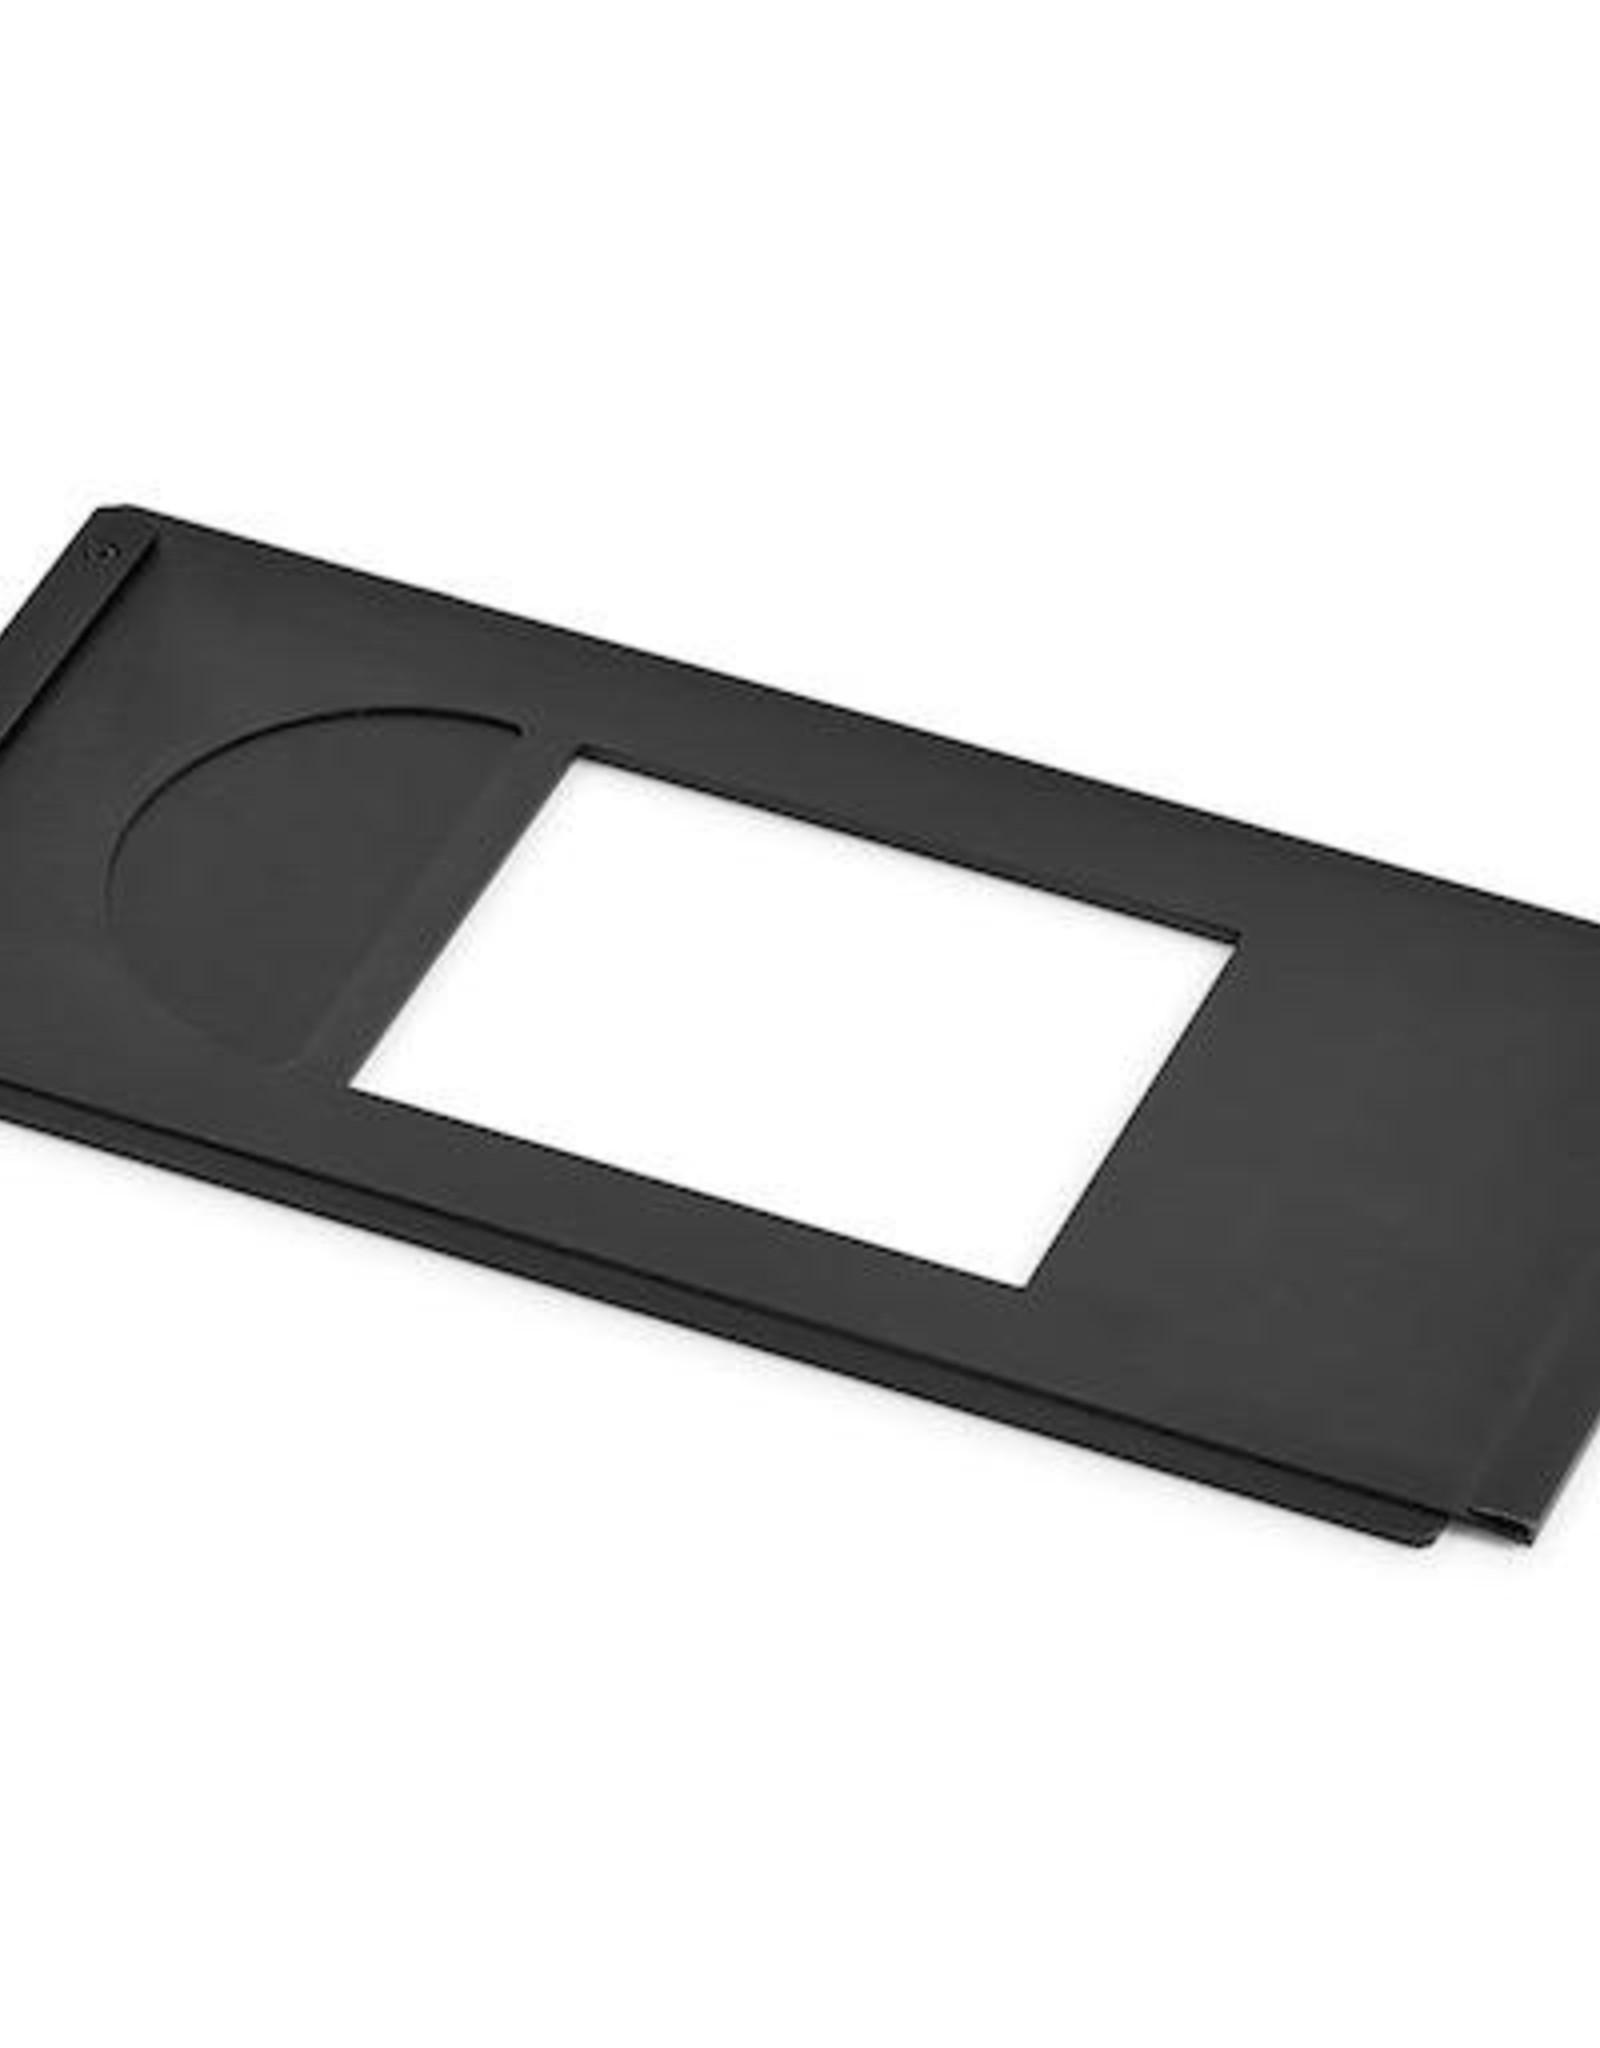 DT Cultural Heritage DT Basic 4x5 sheet Film Carrier - No glass design